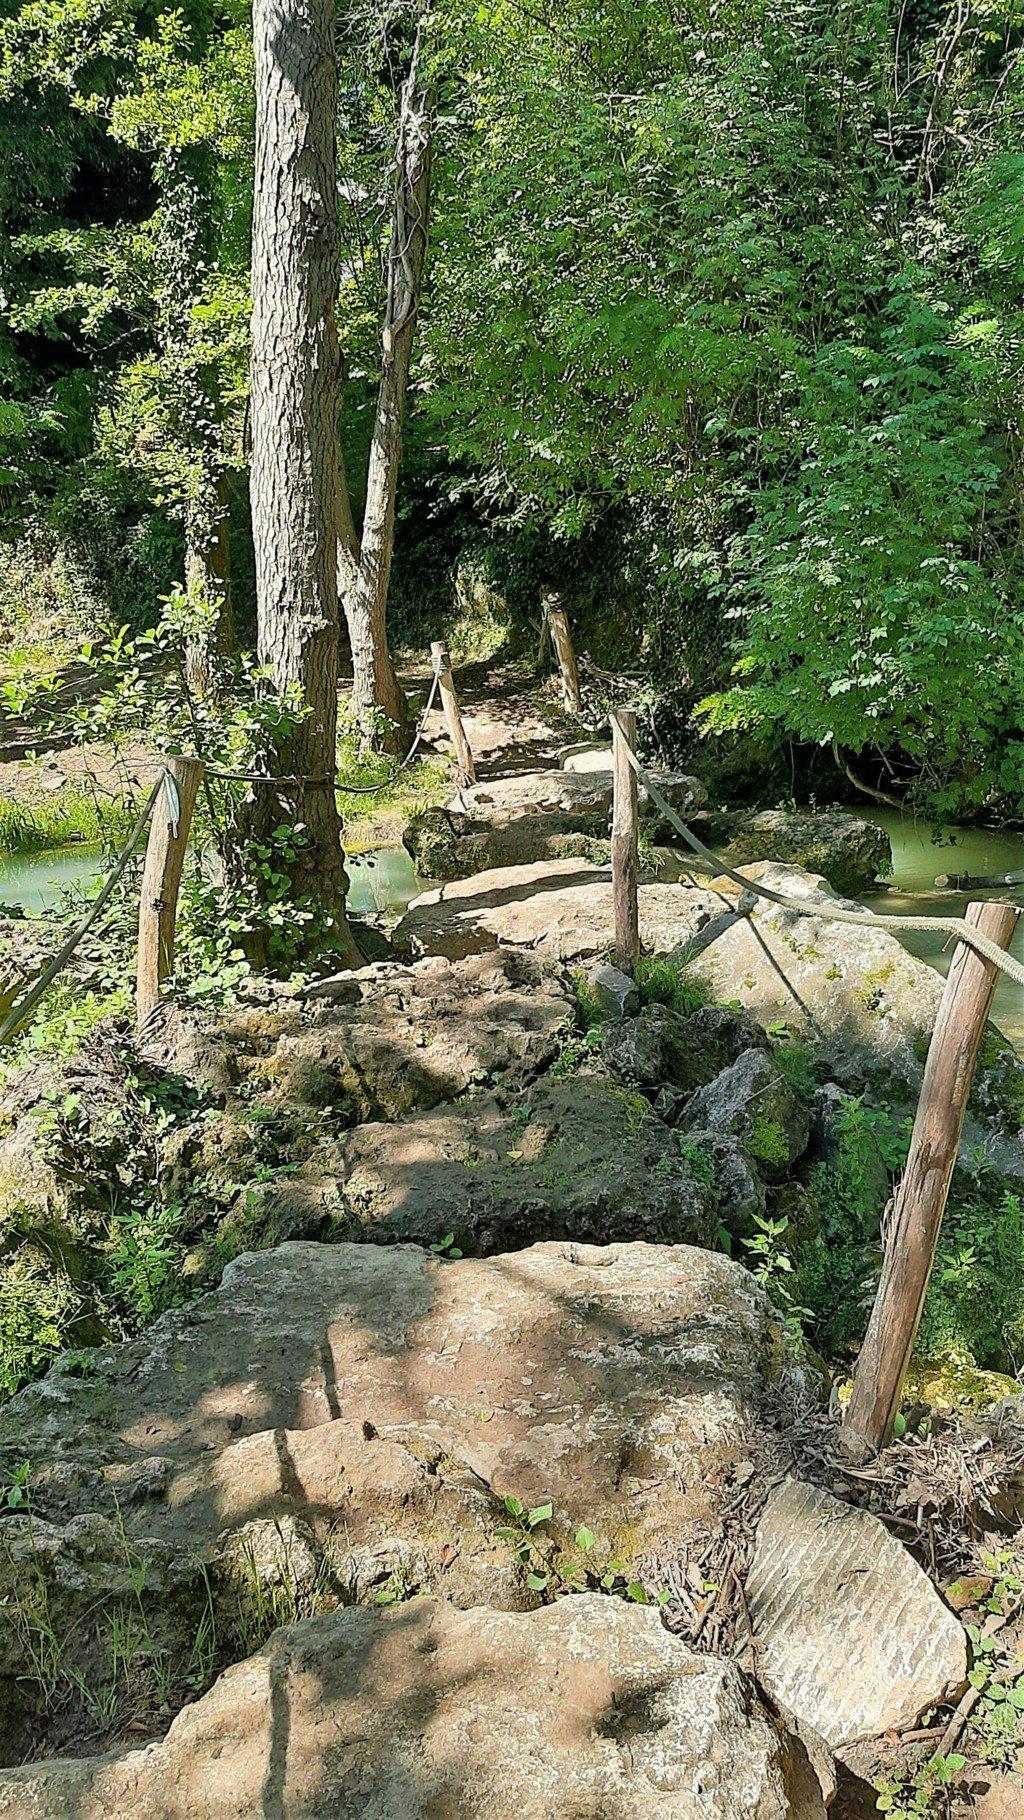 Un guado che attraversa il fiume Elsa in Toscana